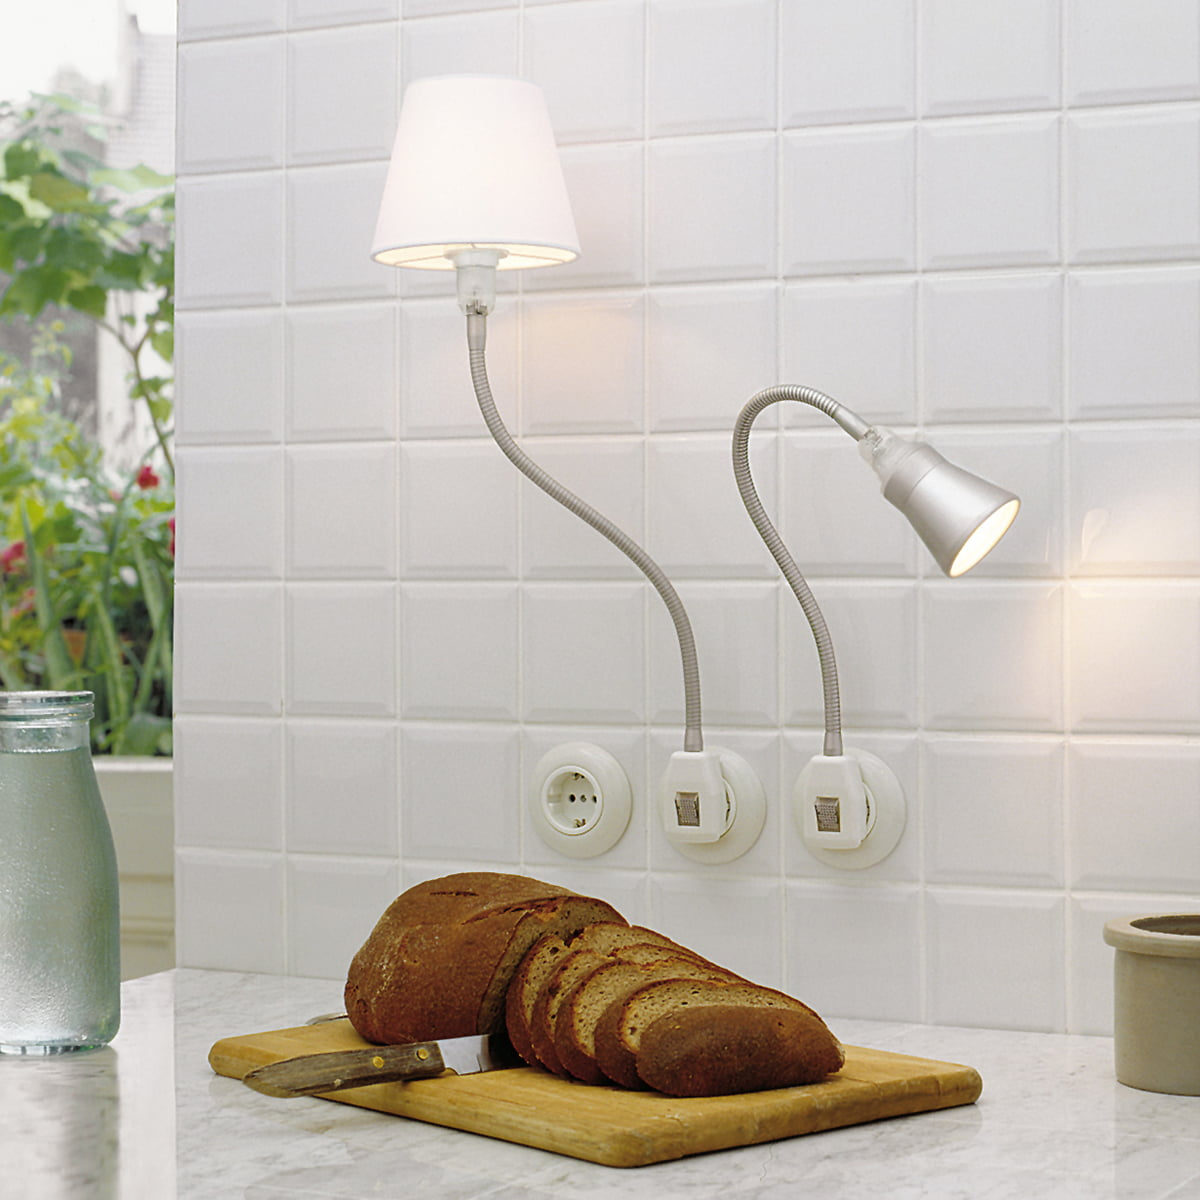 Stiletto-Gluehwuermchen-DeLight-mit-Textilschirm-weiss -und-Gluehwuermchen-DeLight-mit-Alu-Kegelreflektor-silber-Ambiente.jpg